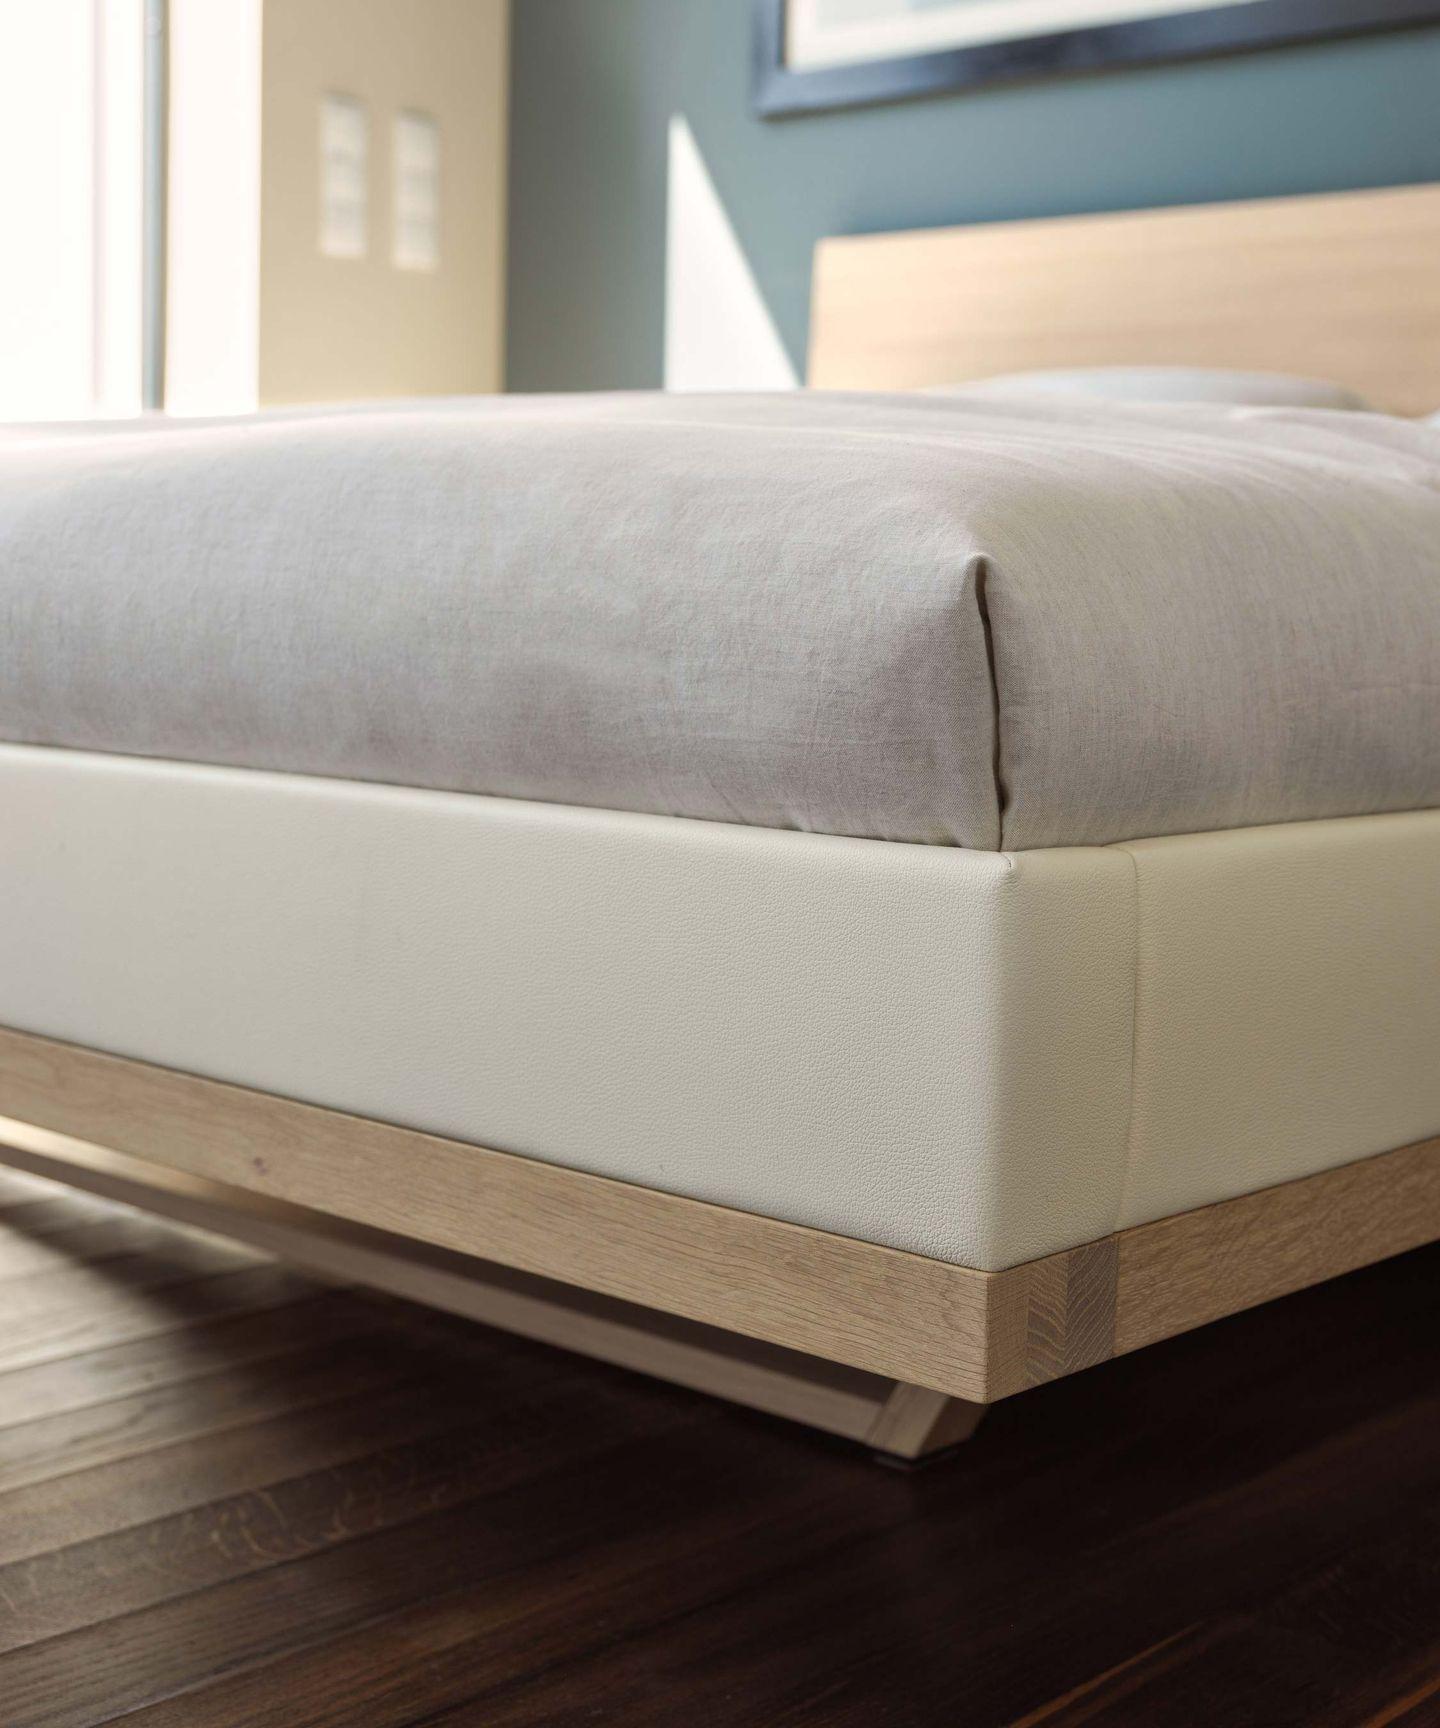 lit riletto en bois naturel avec côtés en cuir